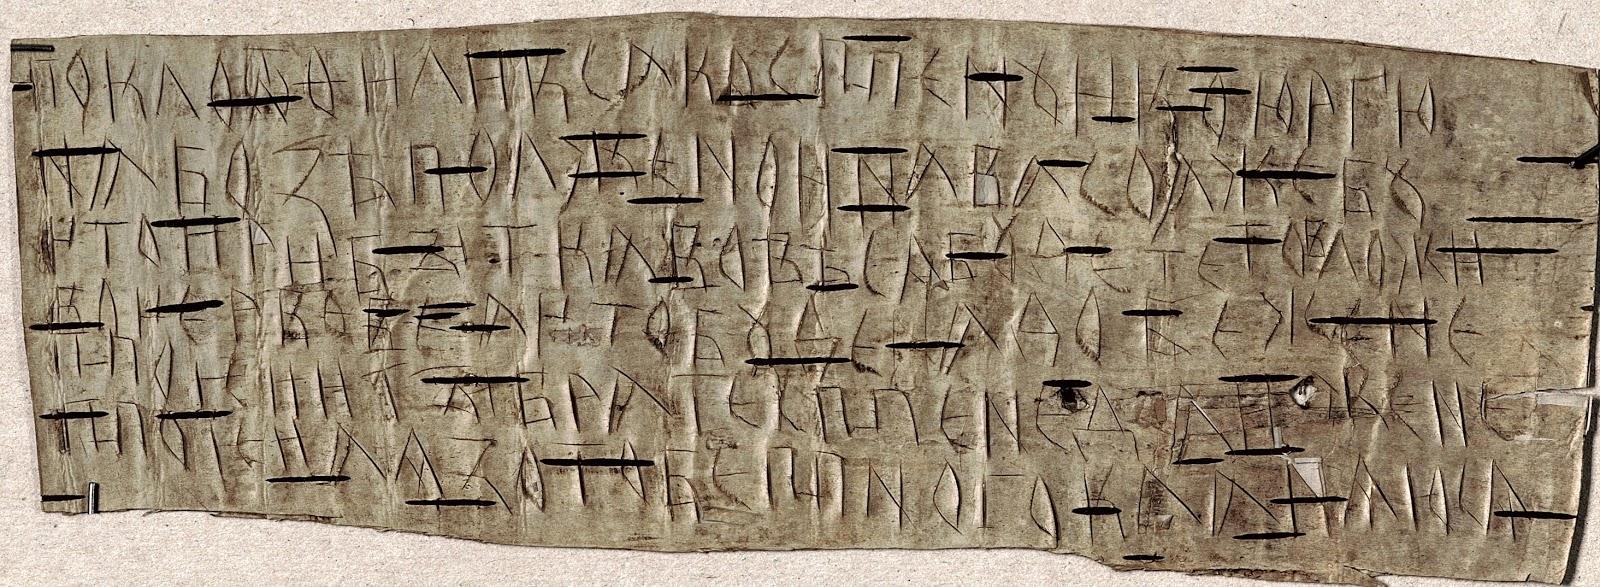 рисунок грамоты древней руси шагами, дорогие